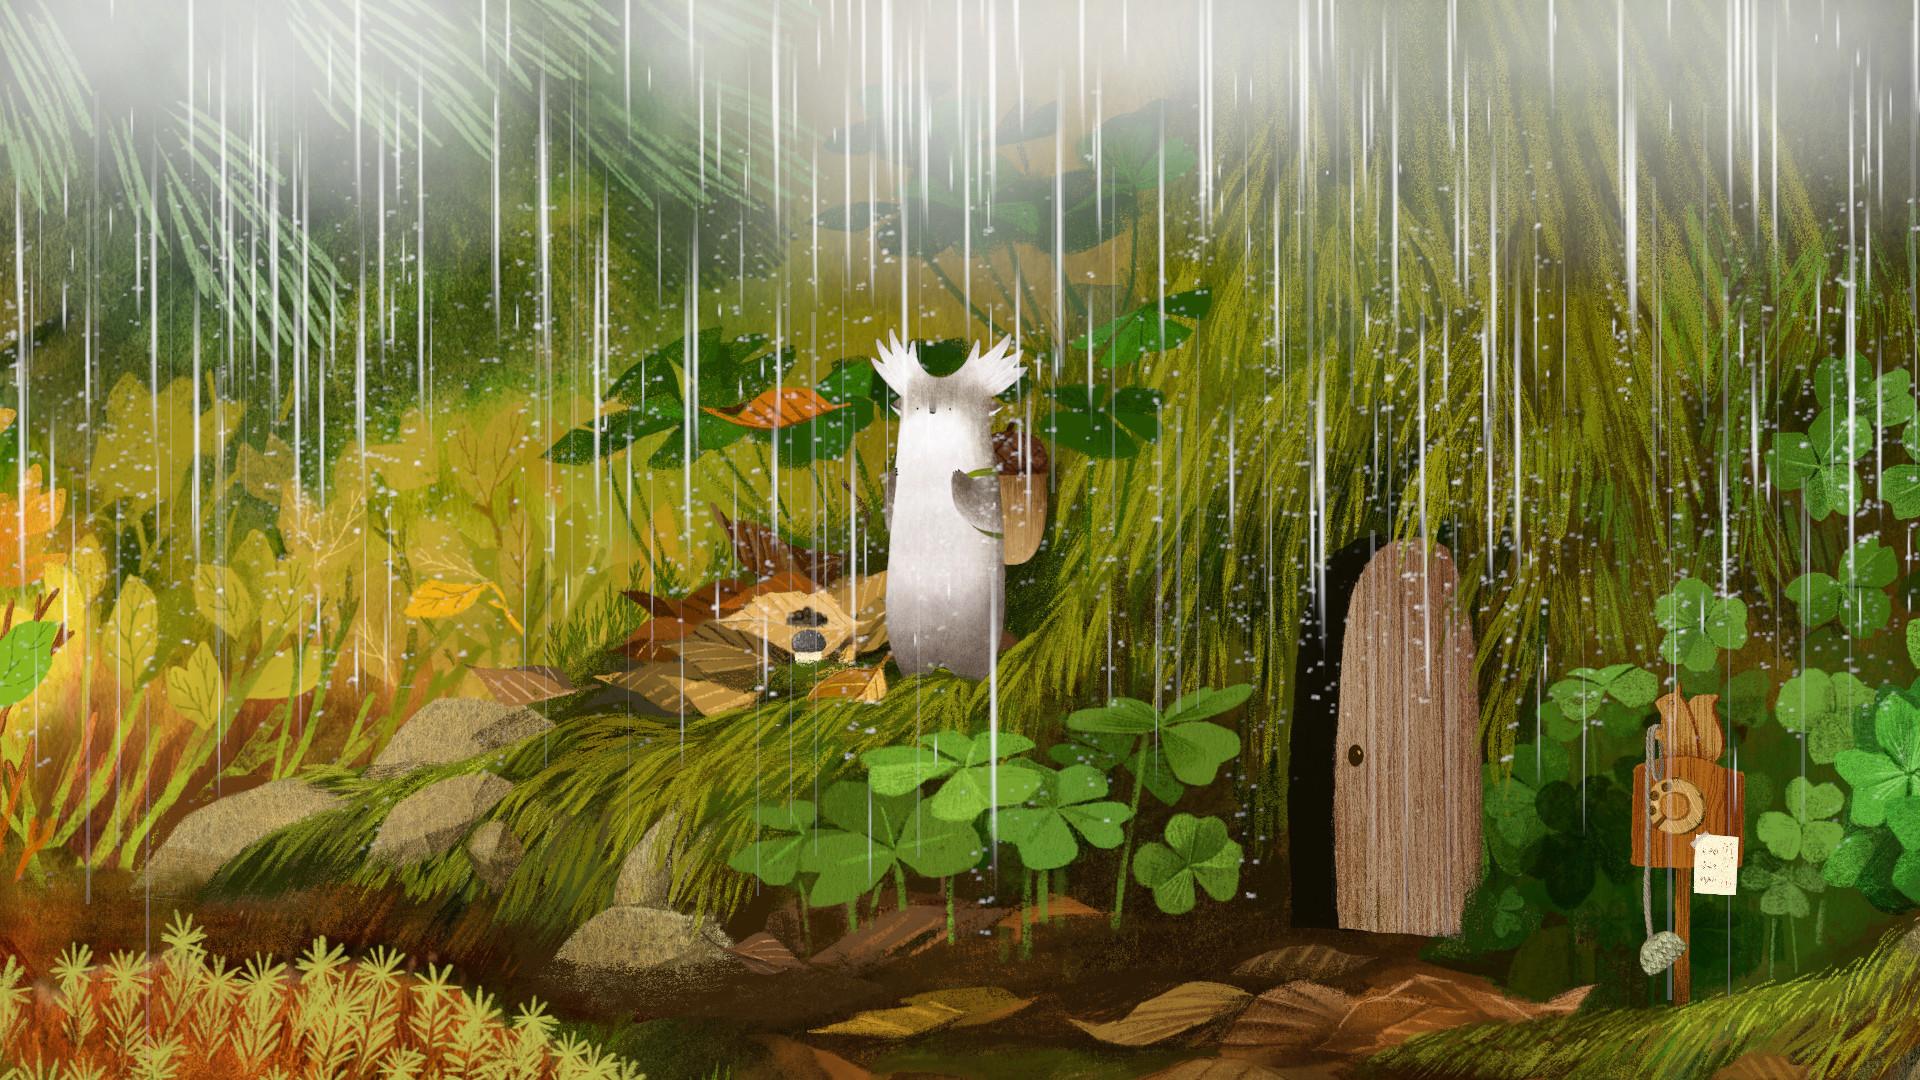 休闲解谜游戏《Tukoni》Steam开启抢先体验 Tukoni 游戏资讯 第3张